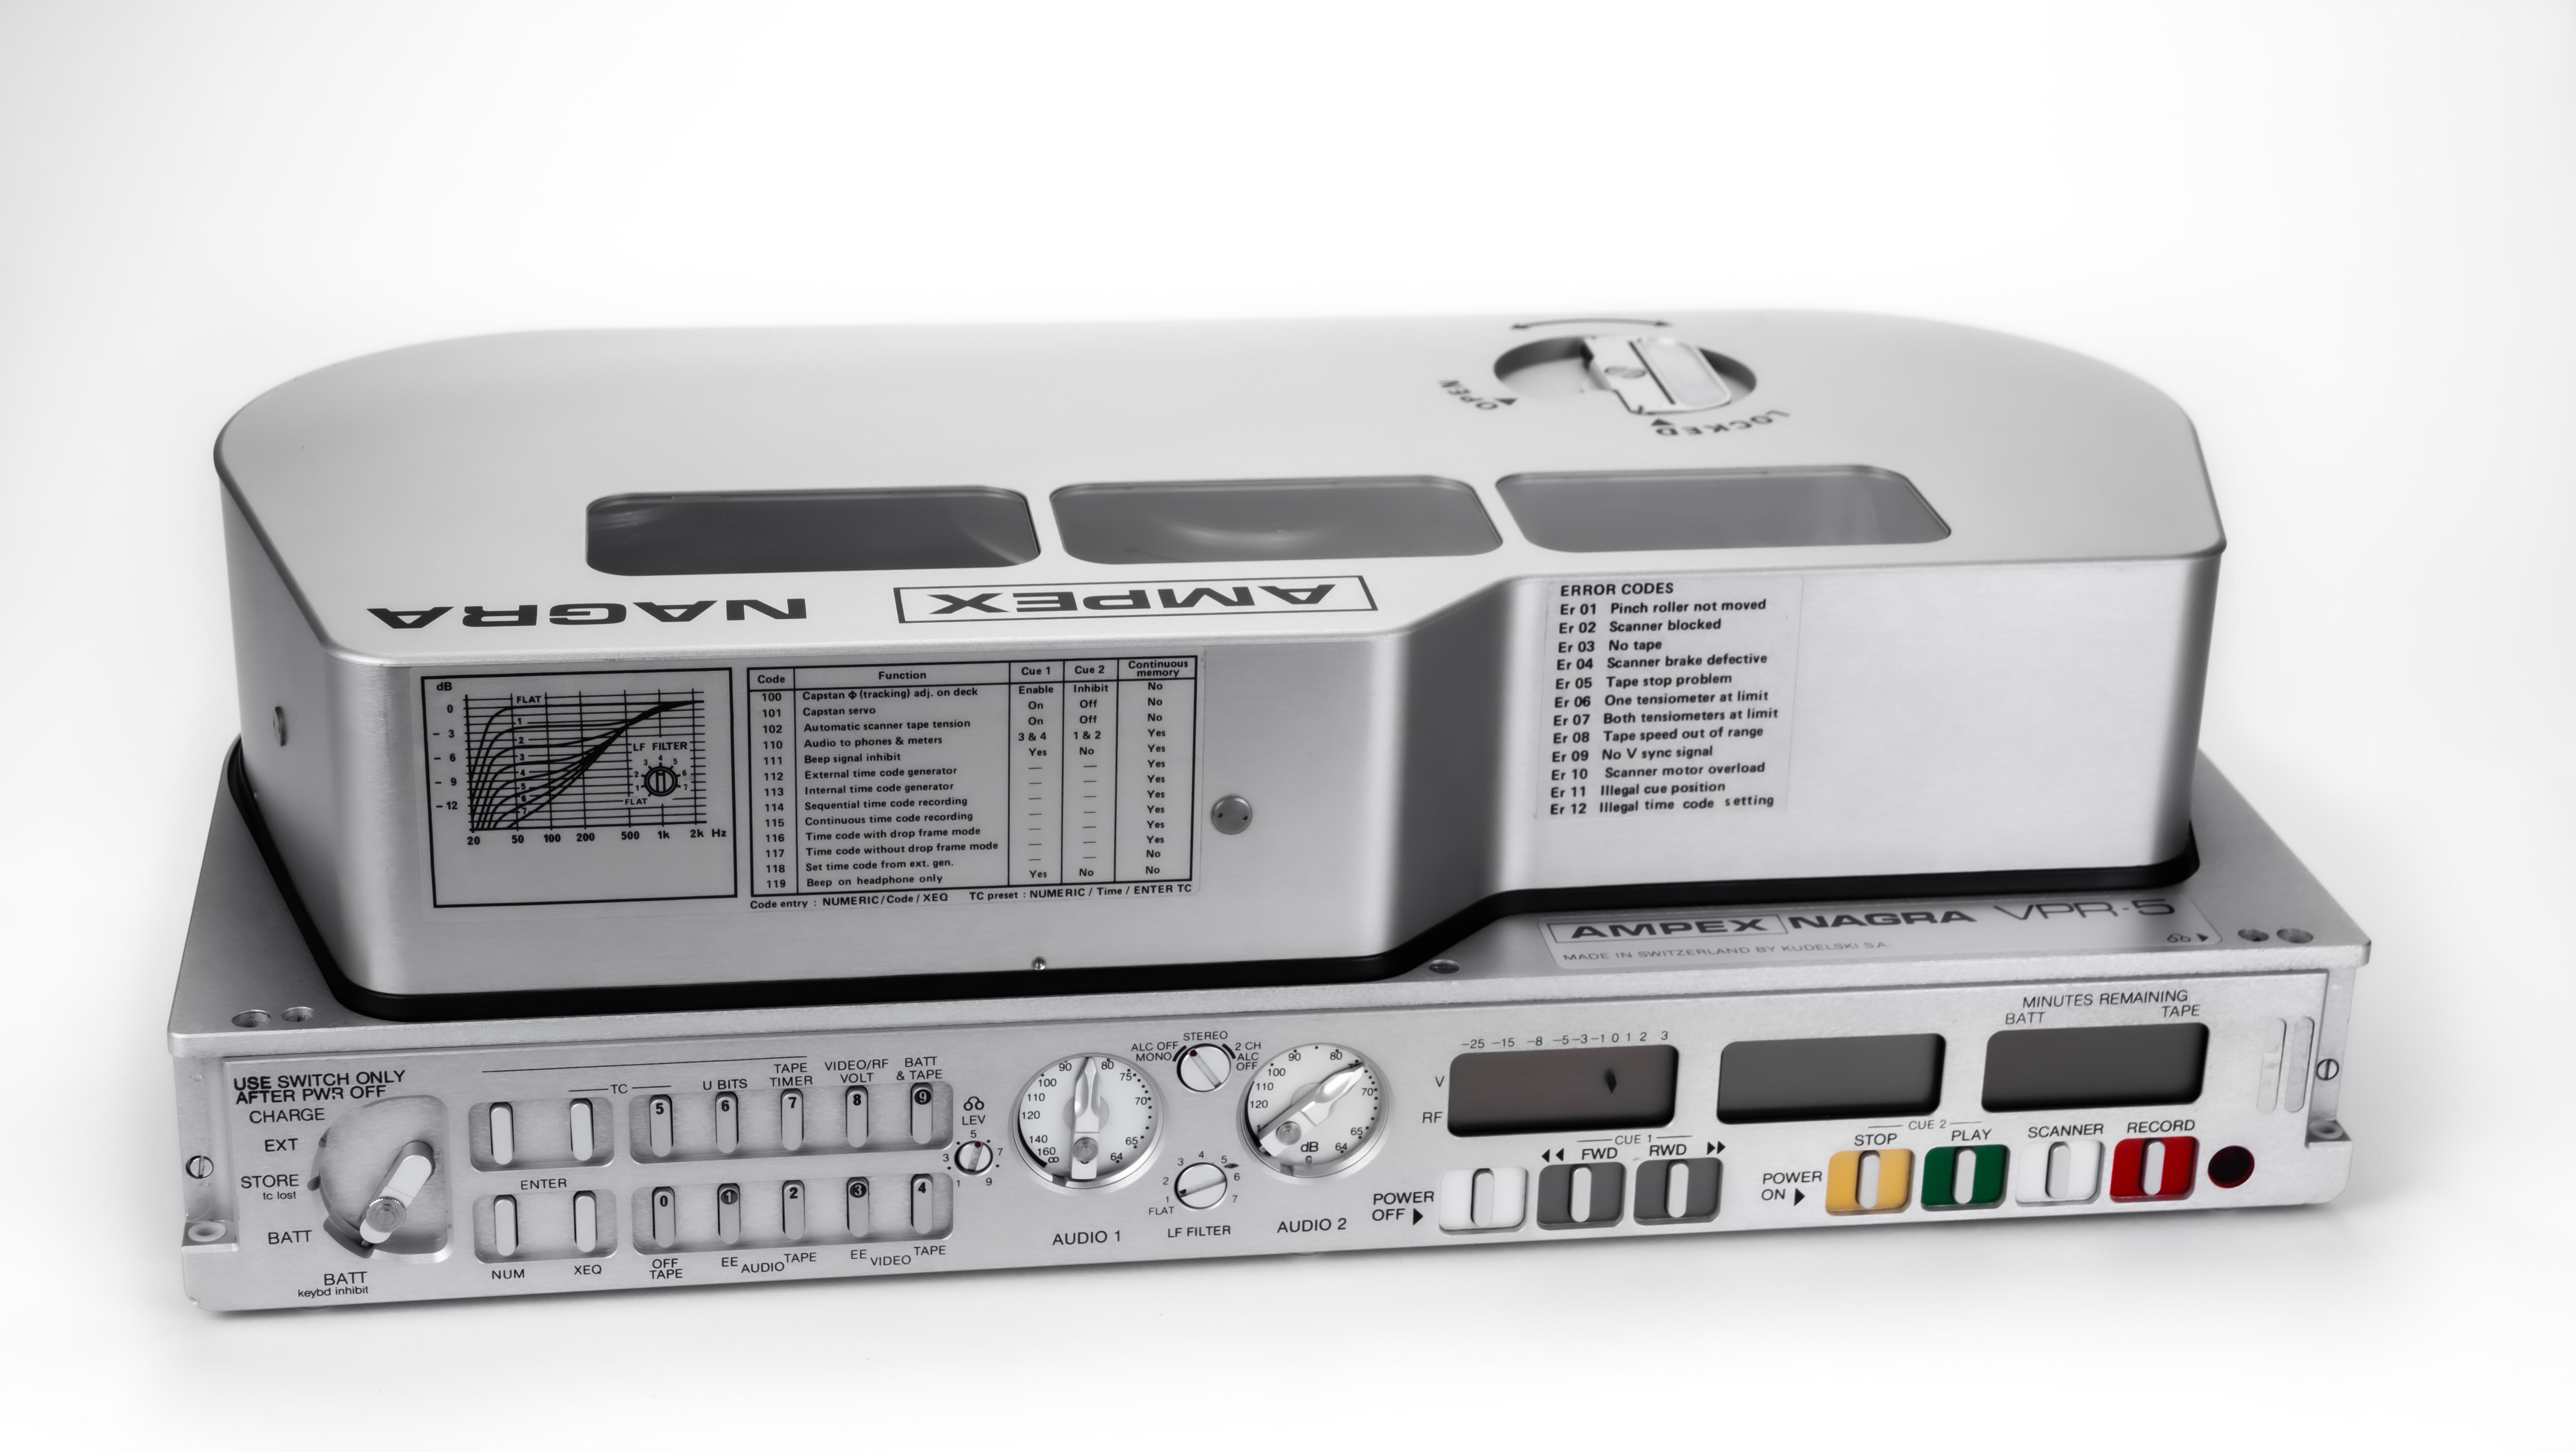 Ampax nagra VPR-5 - 8